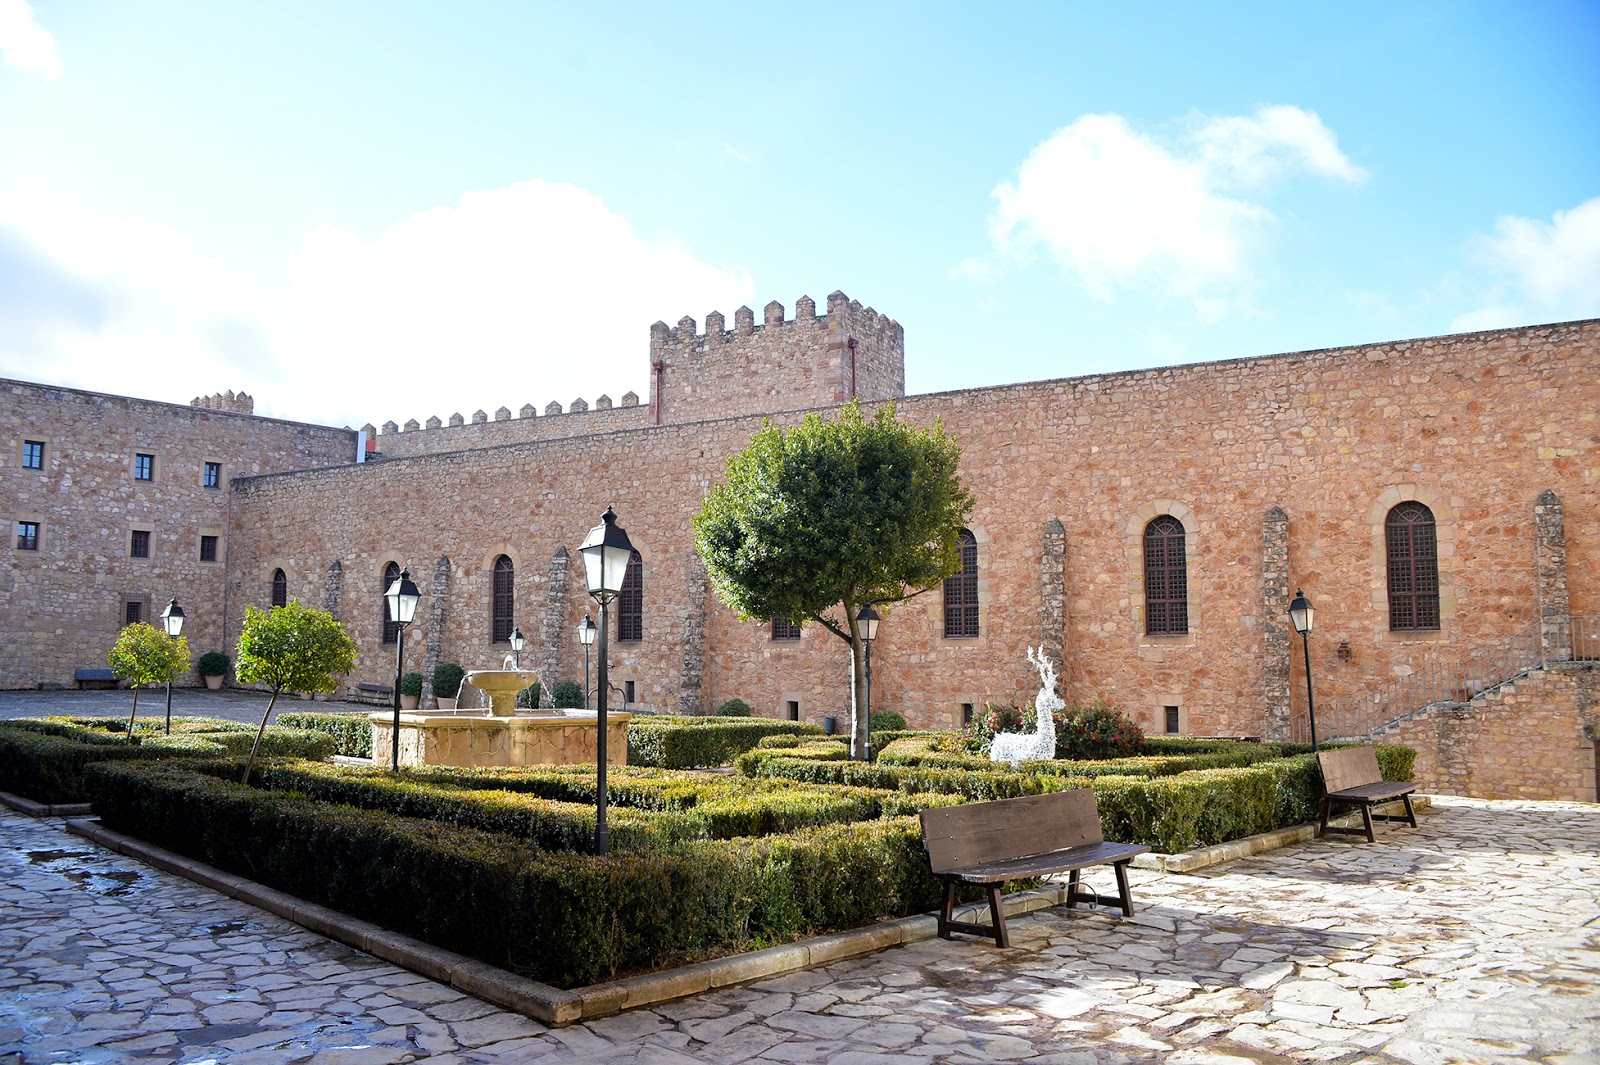 castillo parador sigüenza castle spain españa